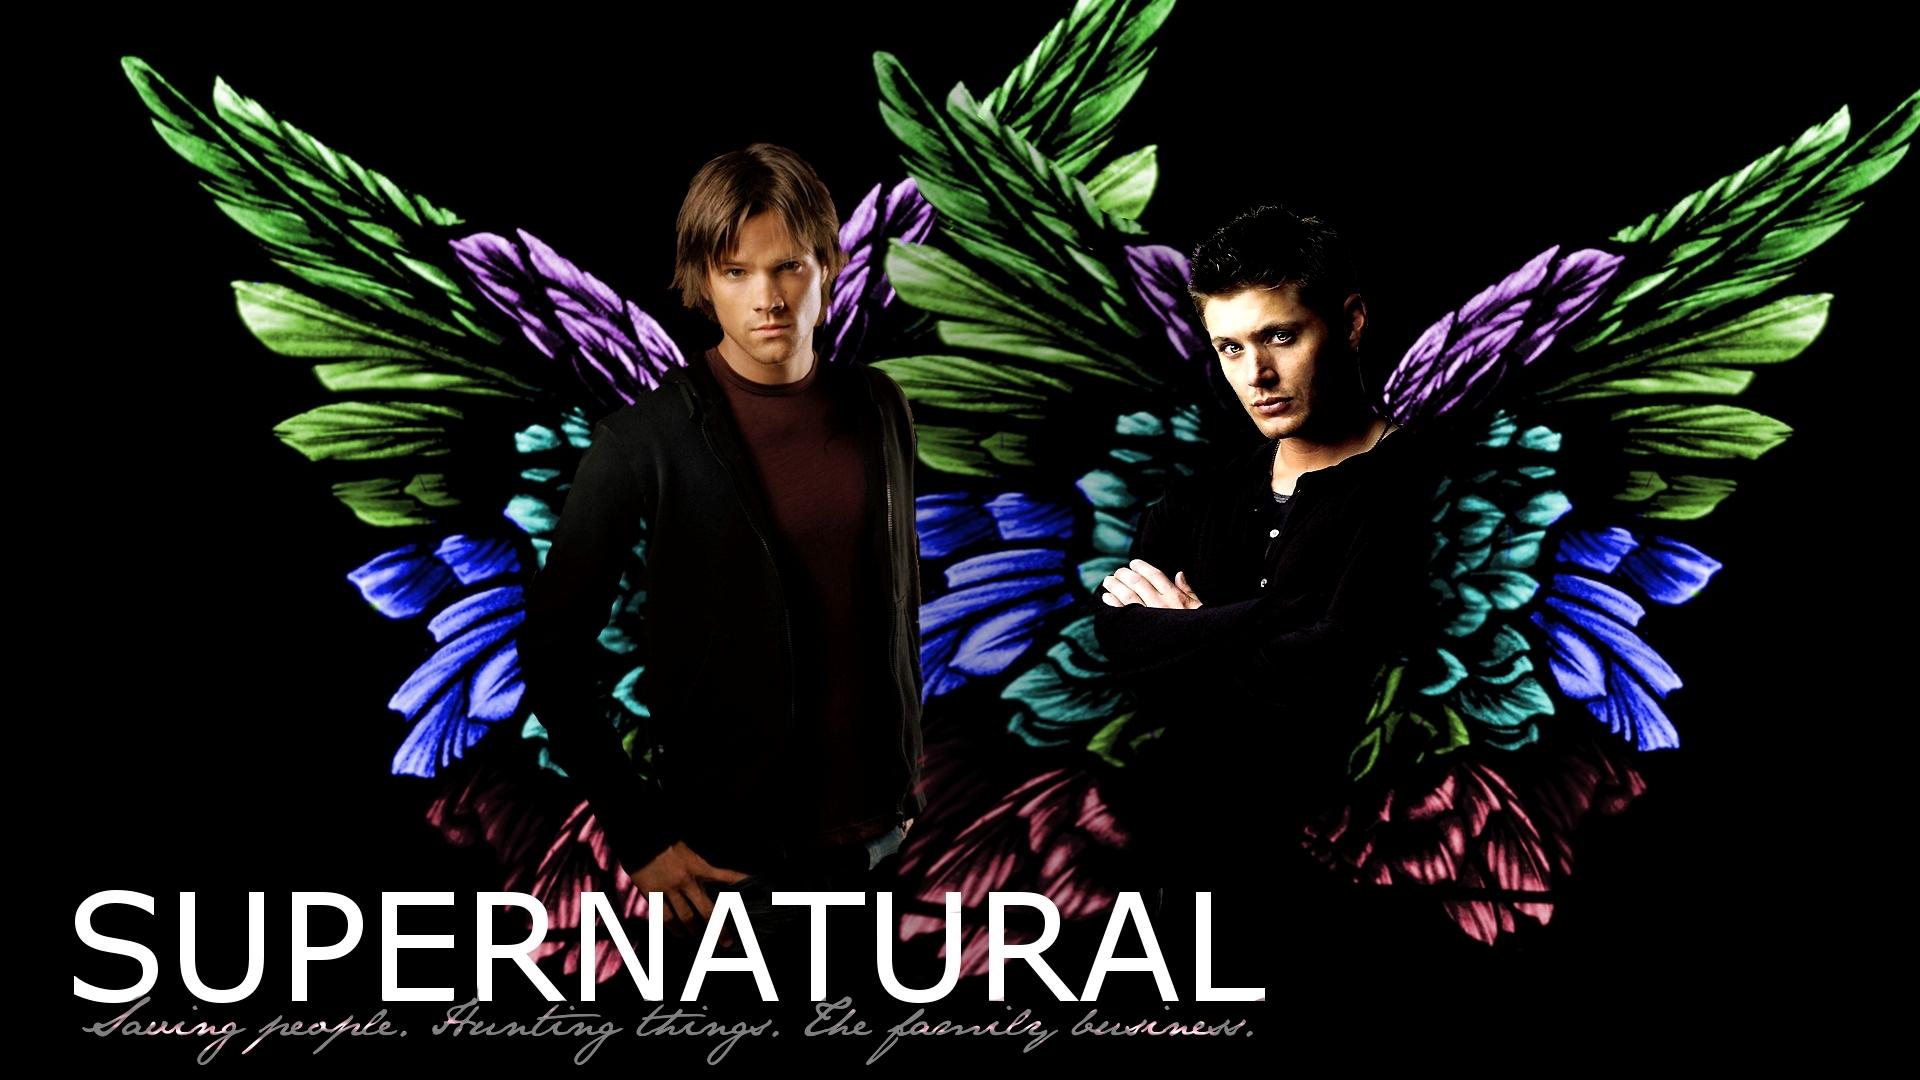 Supernatural supernatural 6747731 1920 1080jpg 1920x1080